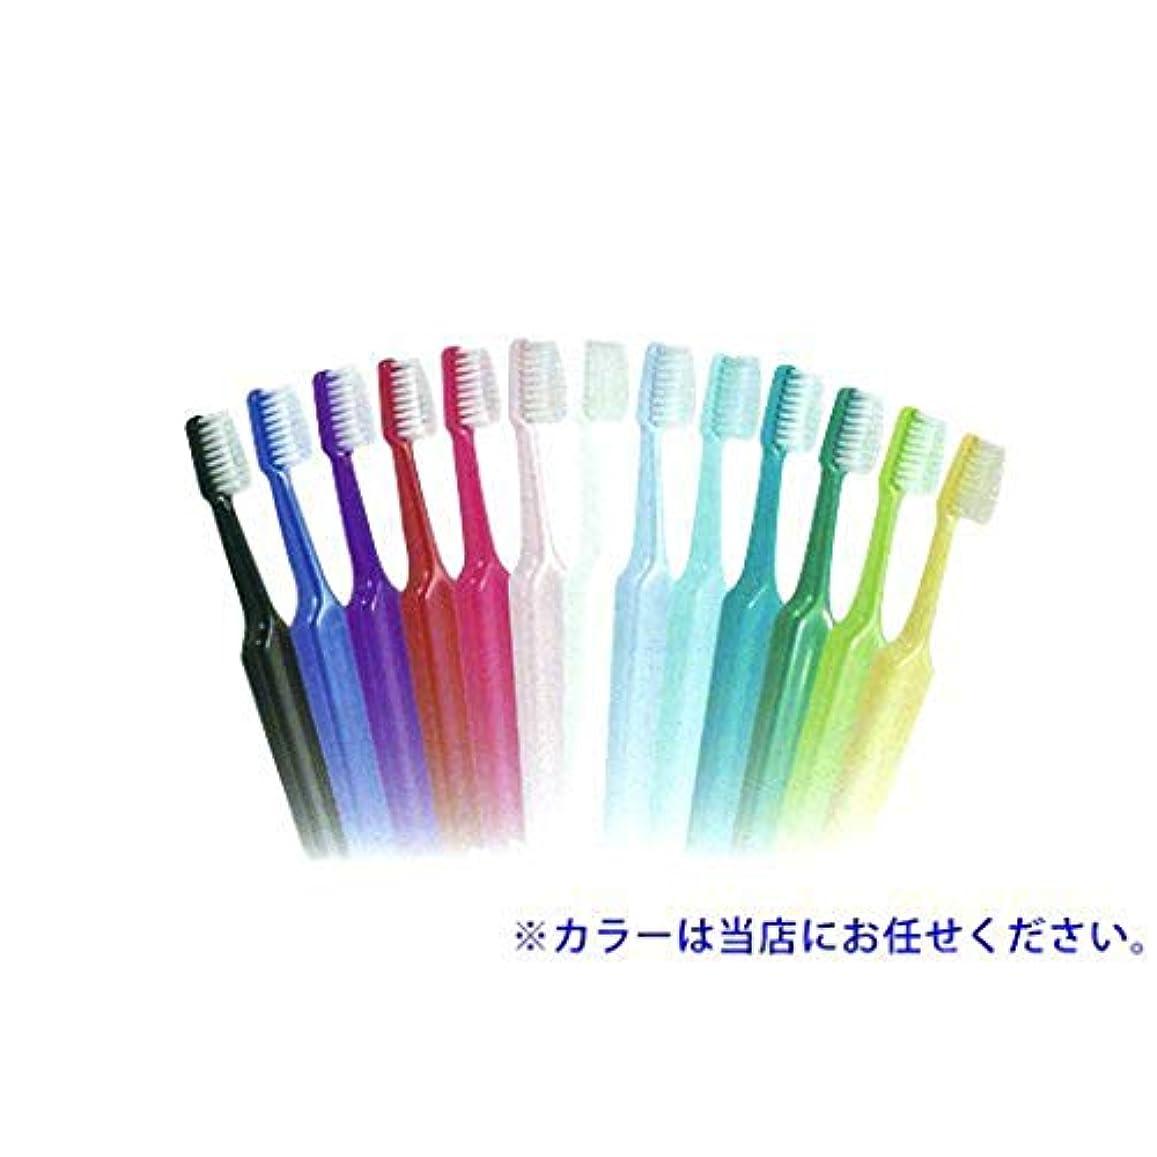 教育者熱心理容師クロスフィールド TePe テペ セレクミニ 歯ブラシ 3本 (エクストラソフト)